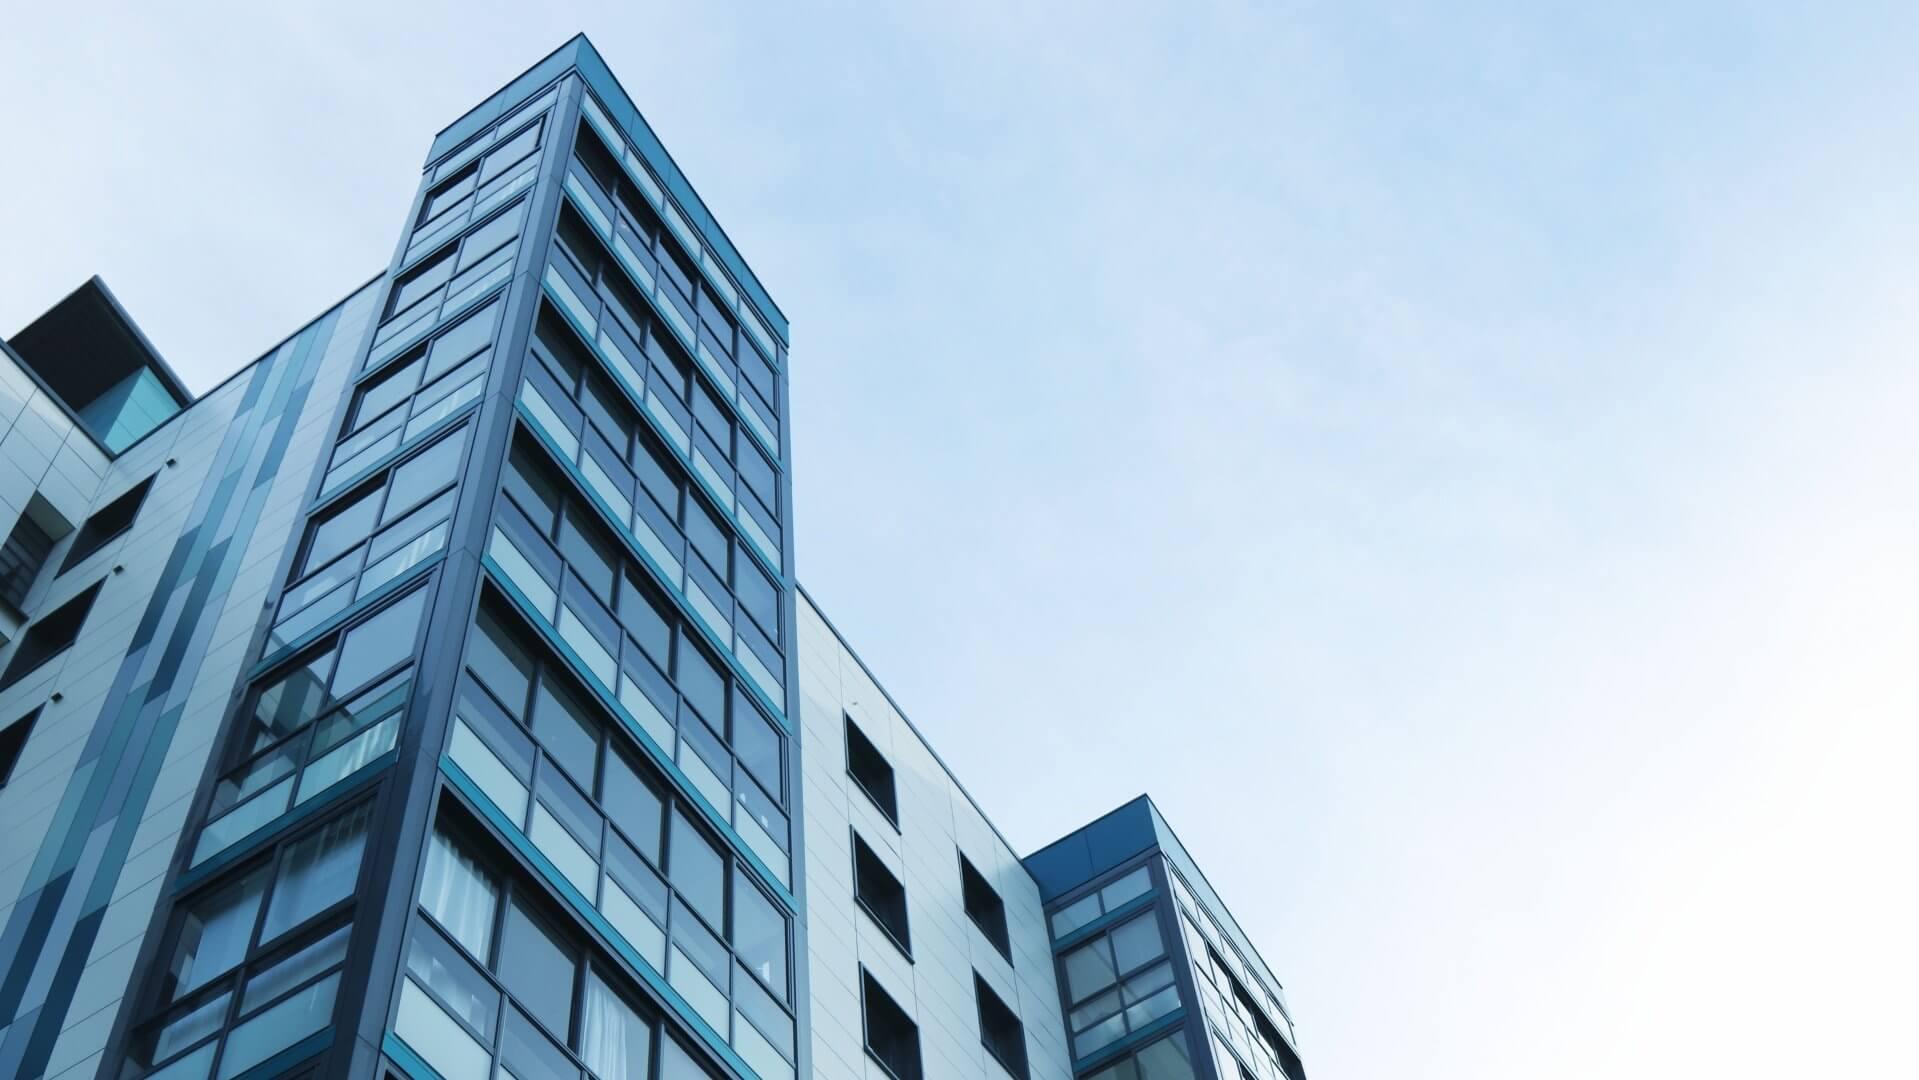 Ein blaugrauer Wolkenkratzer vor blauem Himmel